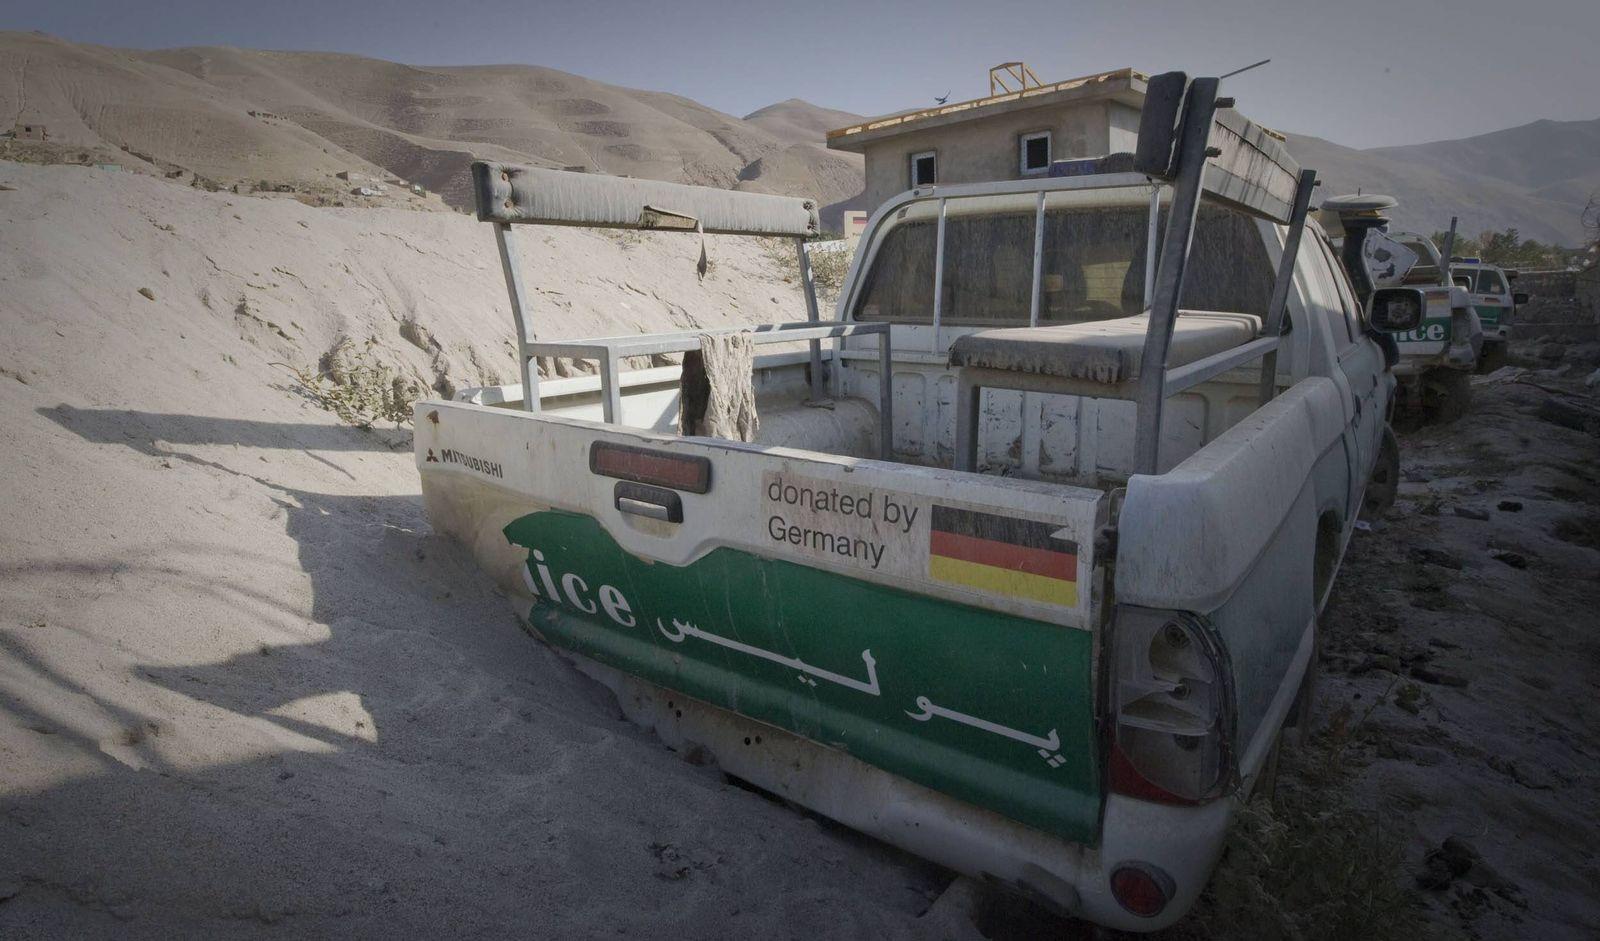 NICHT VERWENDEN Deutsche Entwicklungshilfe in Afghanistan